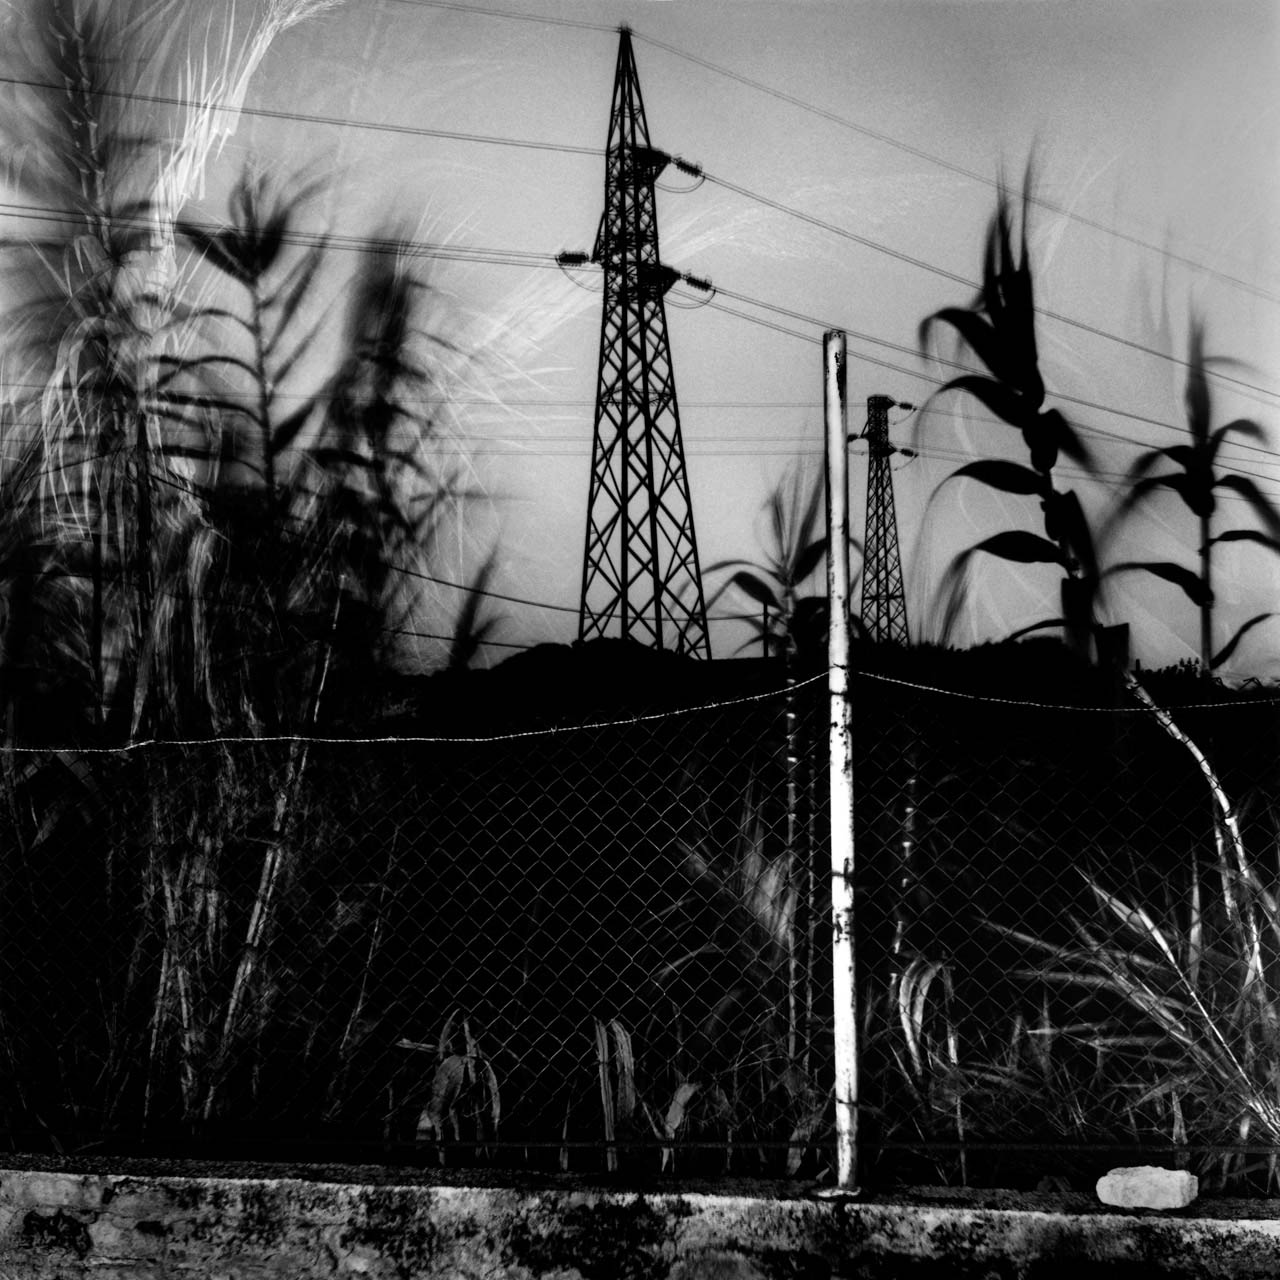 Casa Langella, Cuma, 2001 Stampa digitale su carta Hahnemuhle, cm 100x100 / 120x120 / 140x140 (ed. 6 + 1AP)